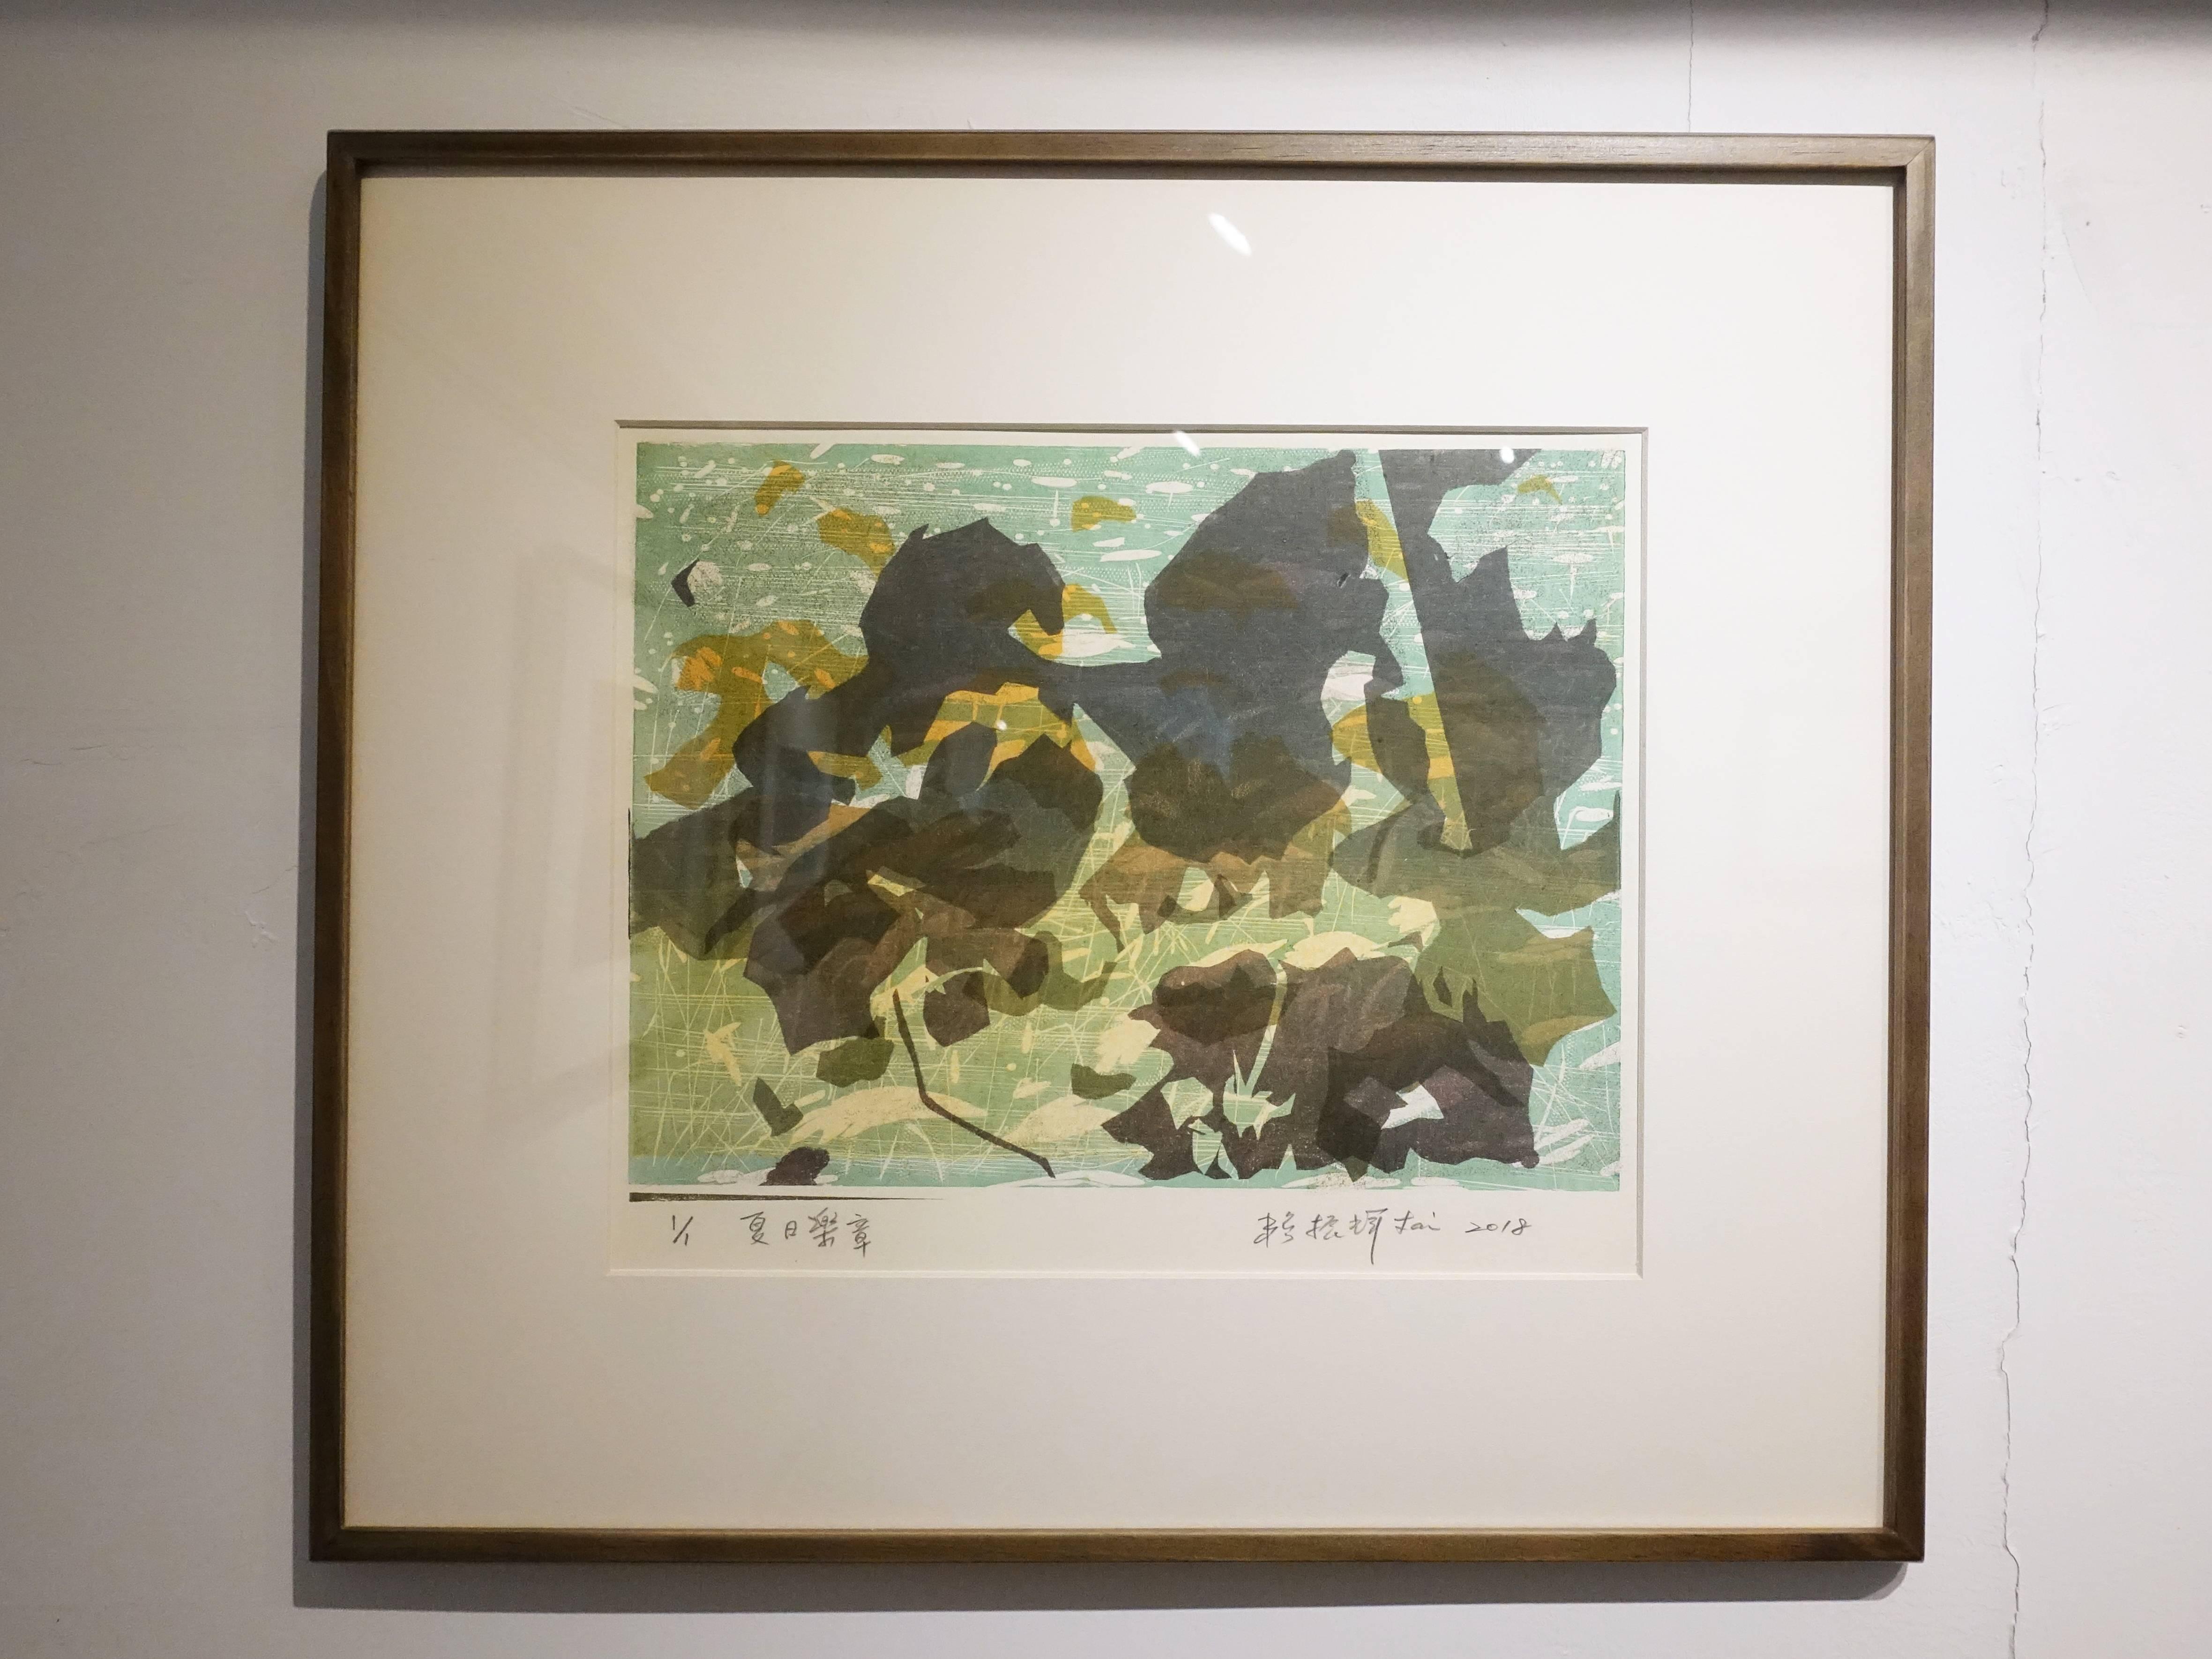 賴振輝,《夏日樂章》,22.5 x 30 cm,1/1,併用版,2018。